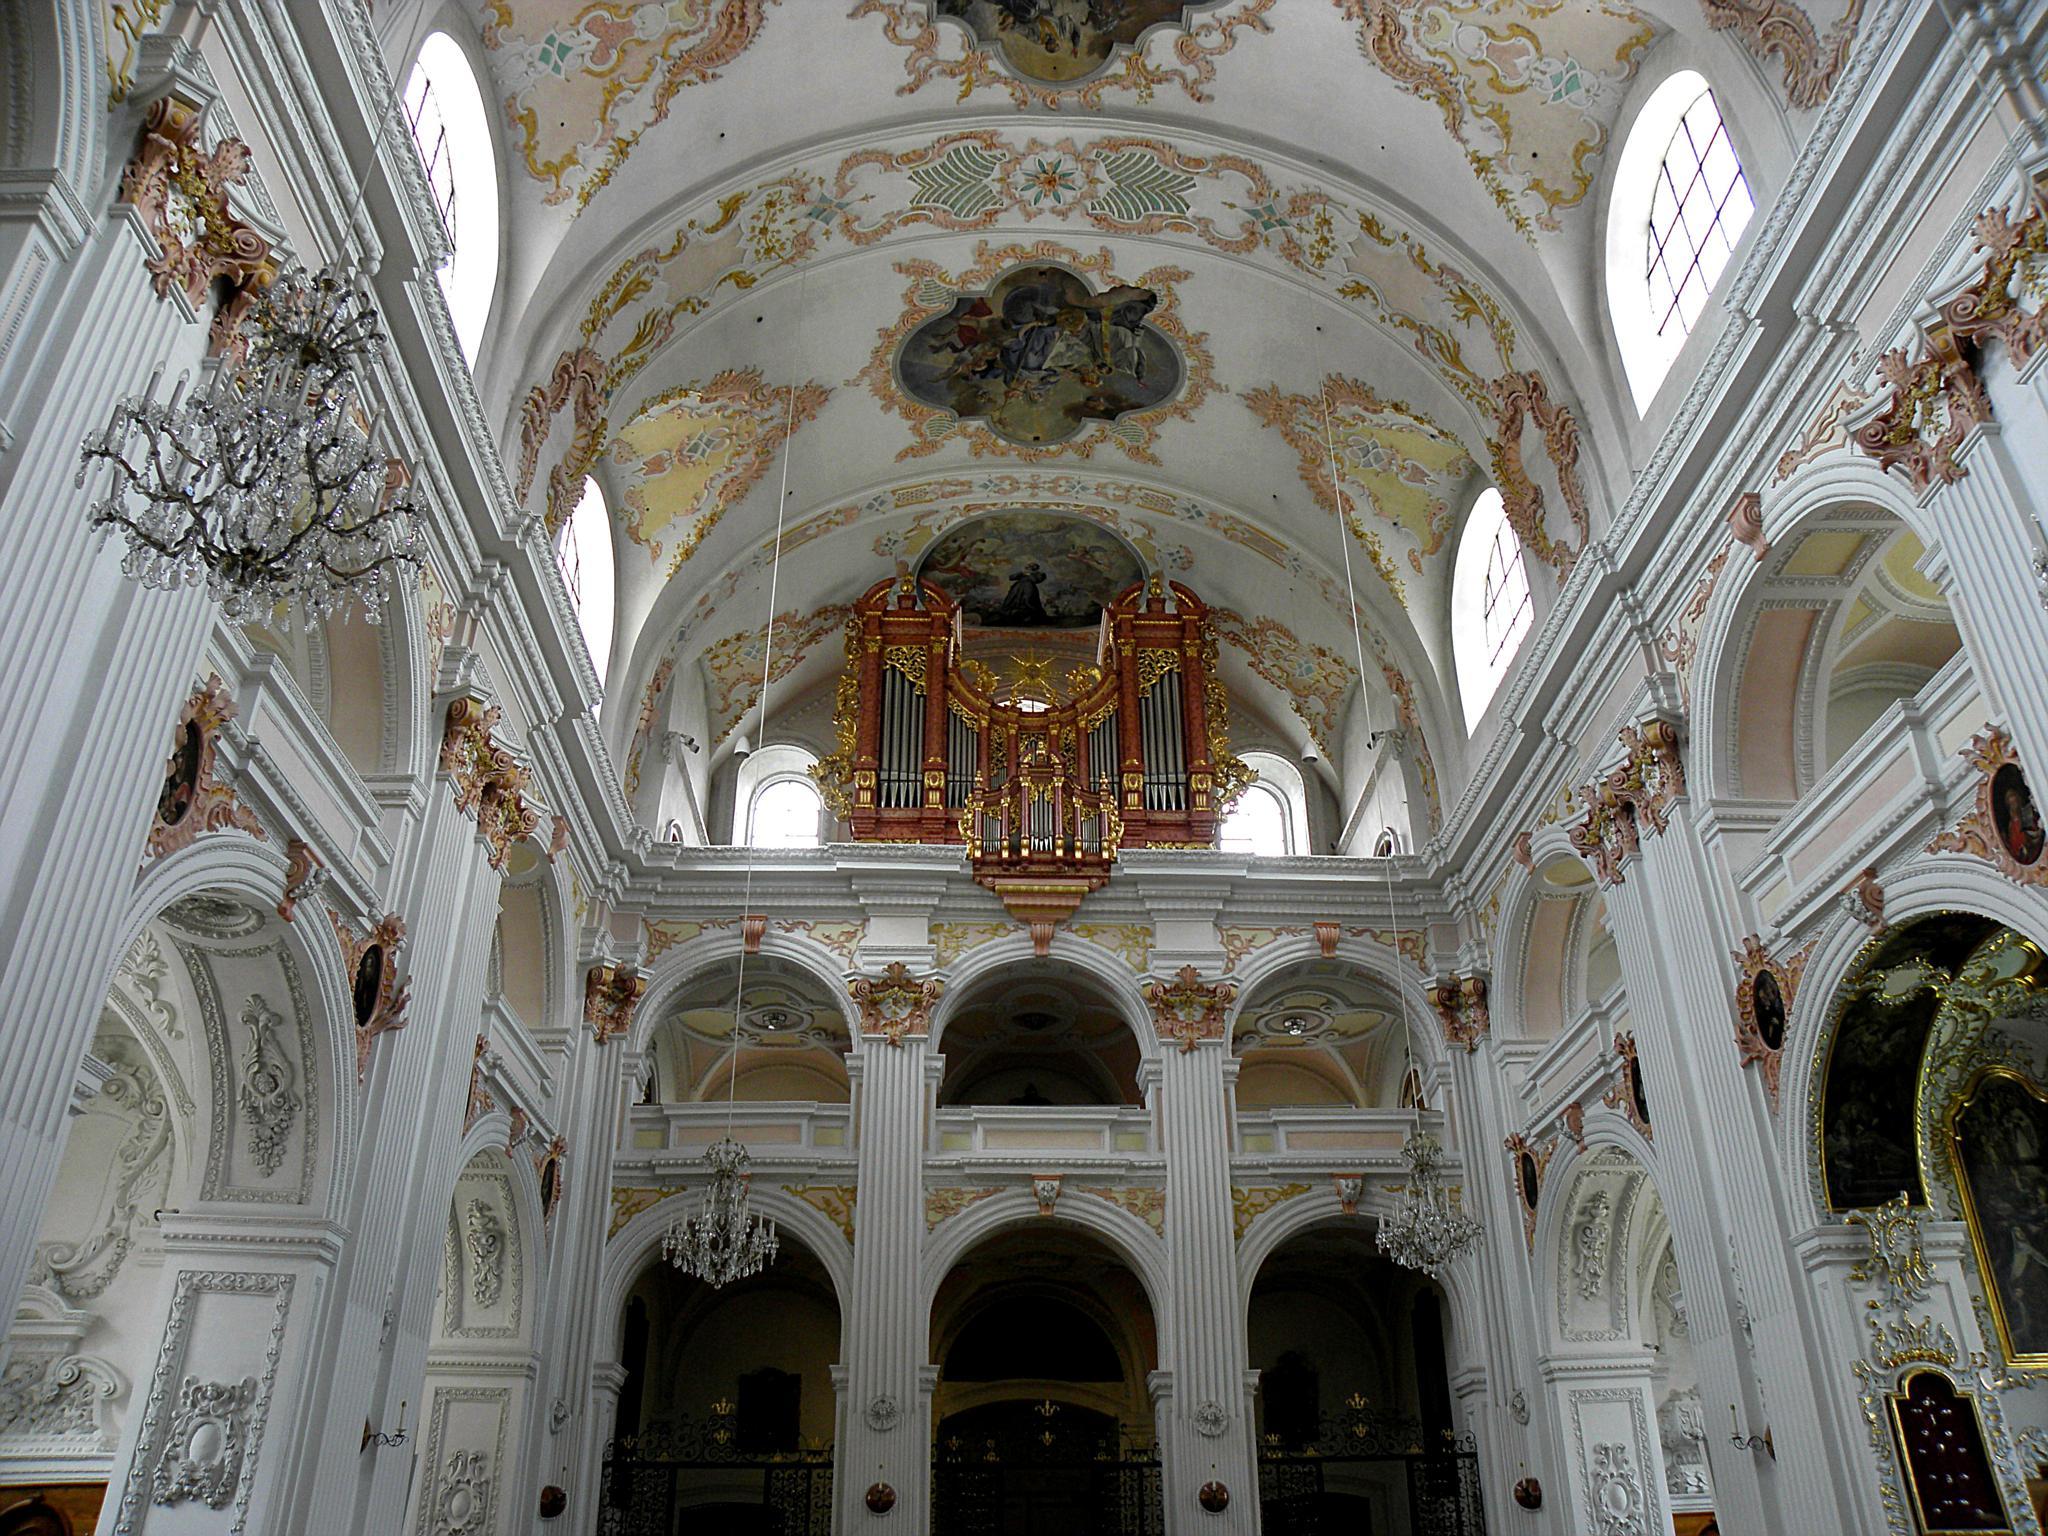 Stunning church by Peter J Dwight